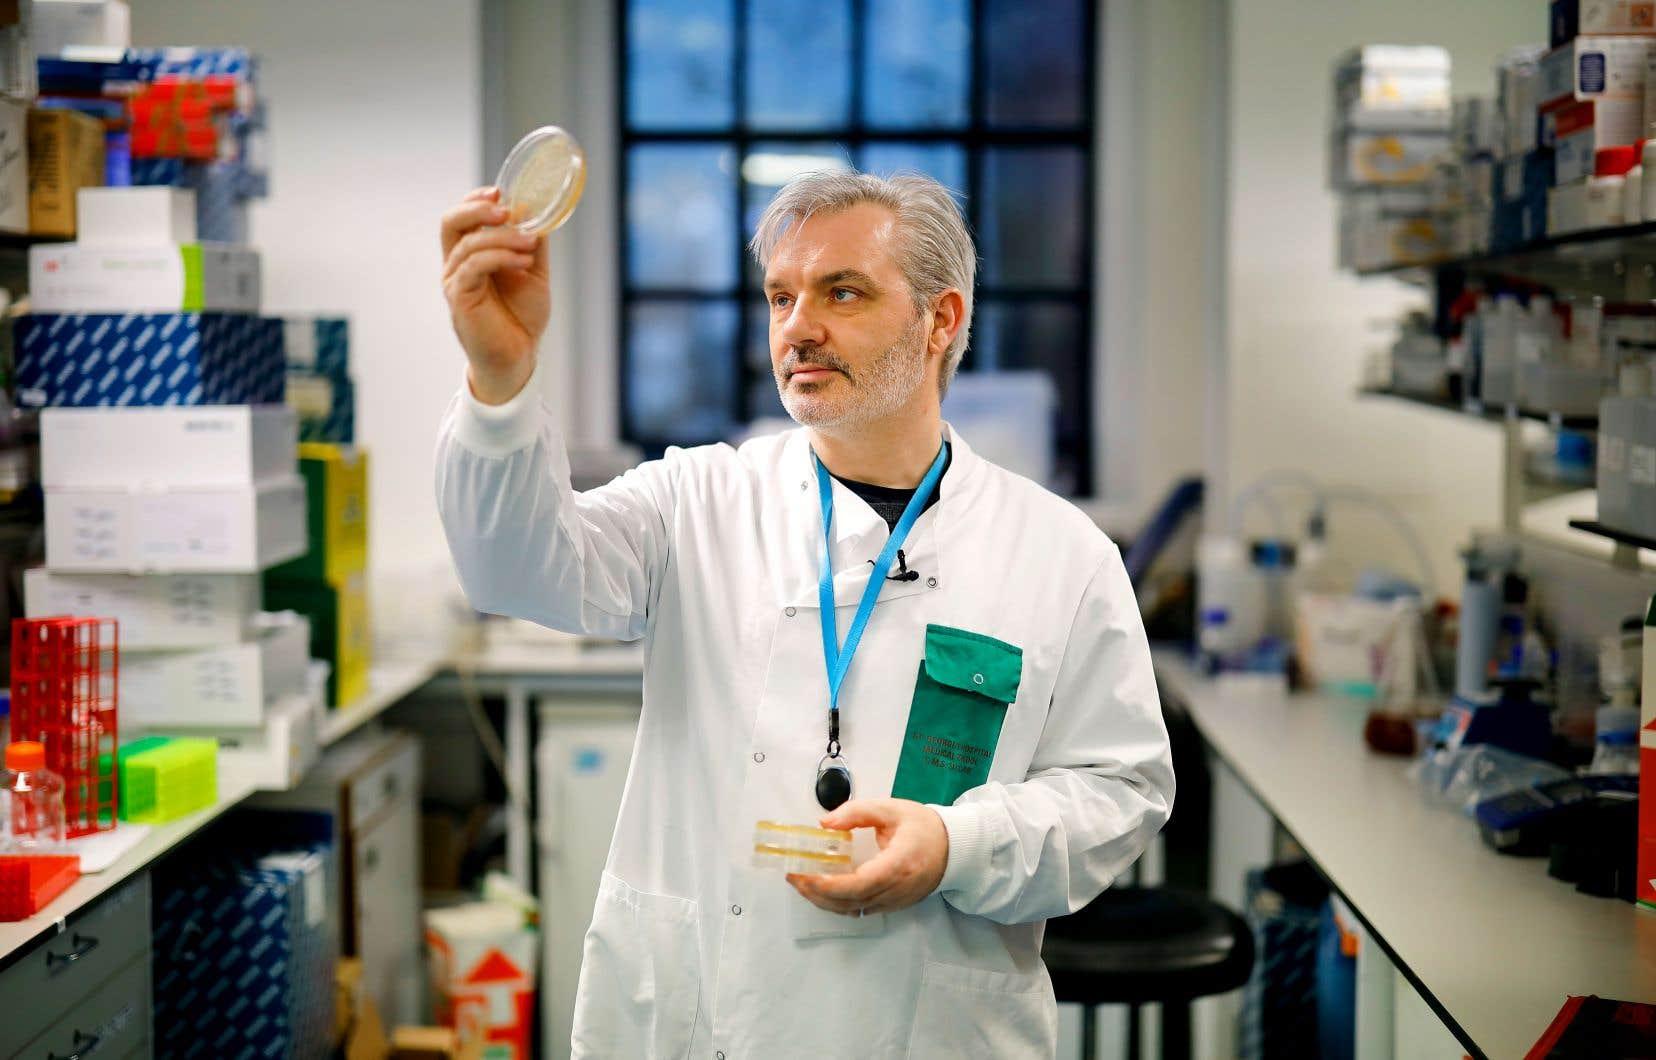 Mardi, des chercheurs de l'Imperial College, à Londres, annonçaient avoir commencé à tester un vaccin de leur cru sur des souris. L'équipe dirigée par le Dr Paul McKay (sur notre photo) espère être en mesure de savoir au cours des prochaines semaines si ce vaccin induit la formation d'anticorps contre le COVID-19.